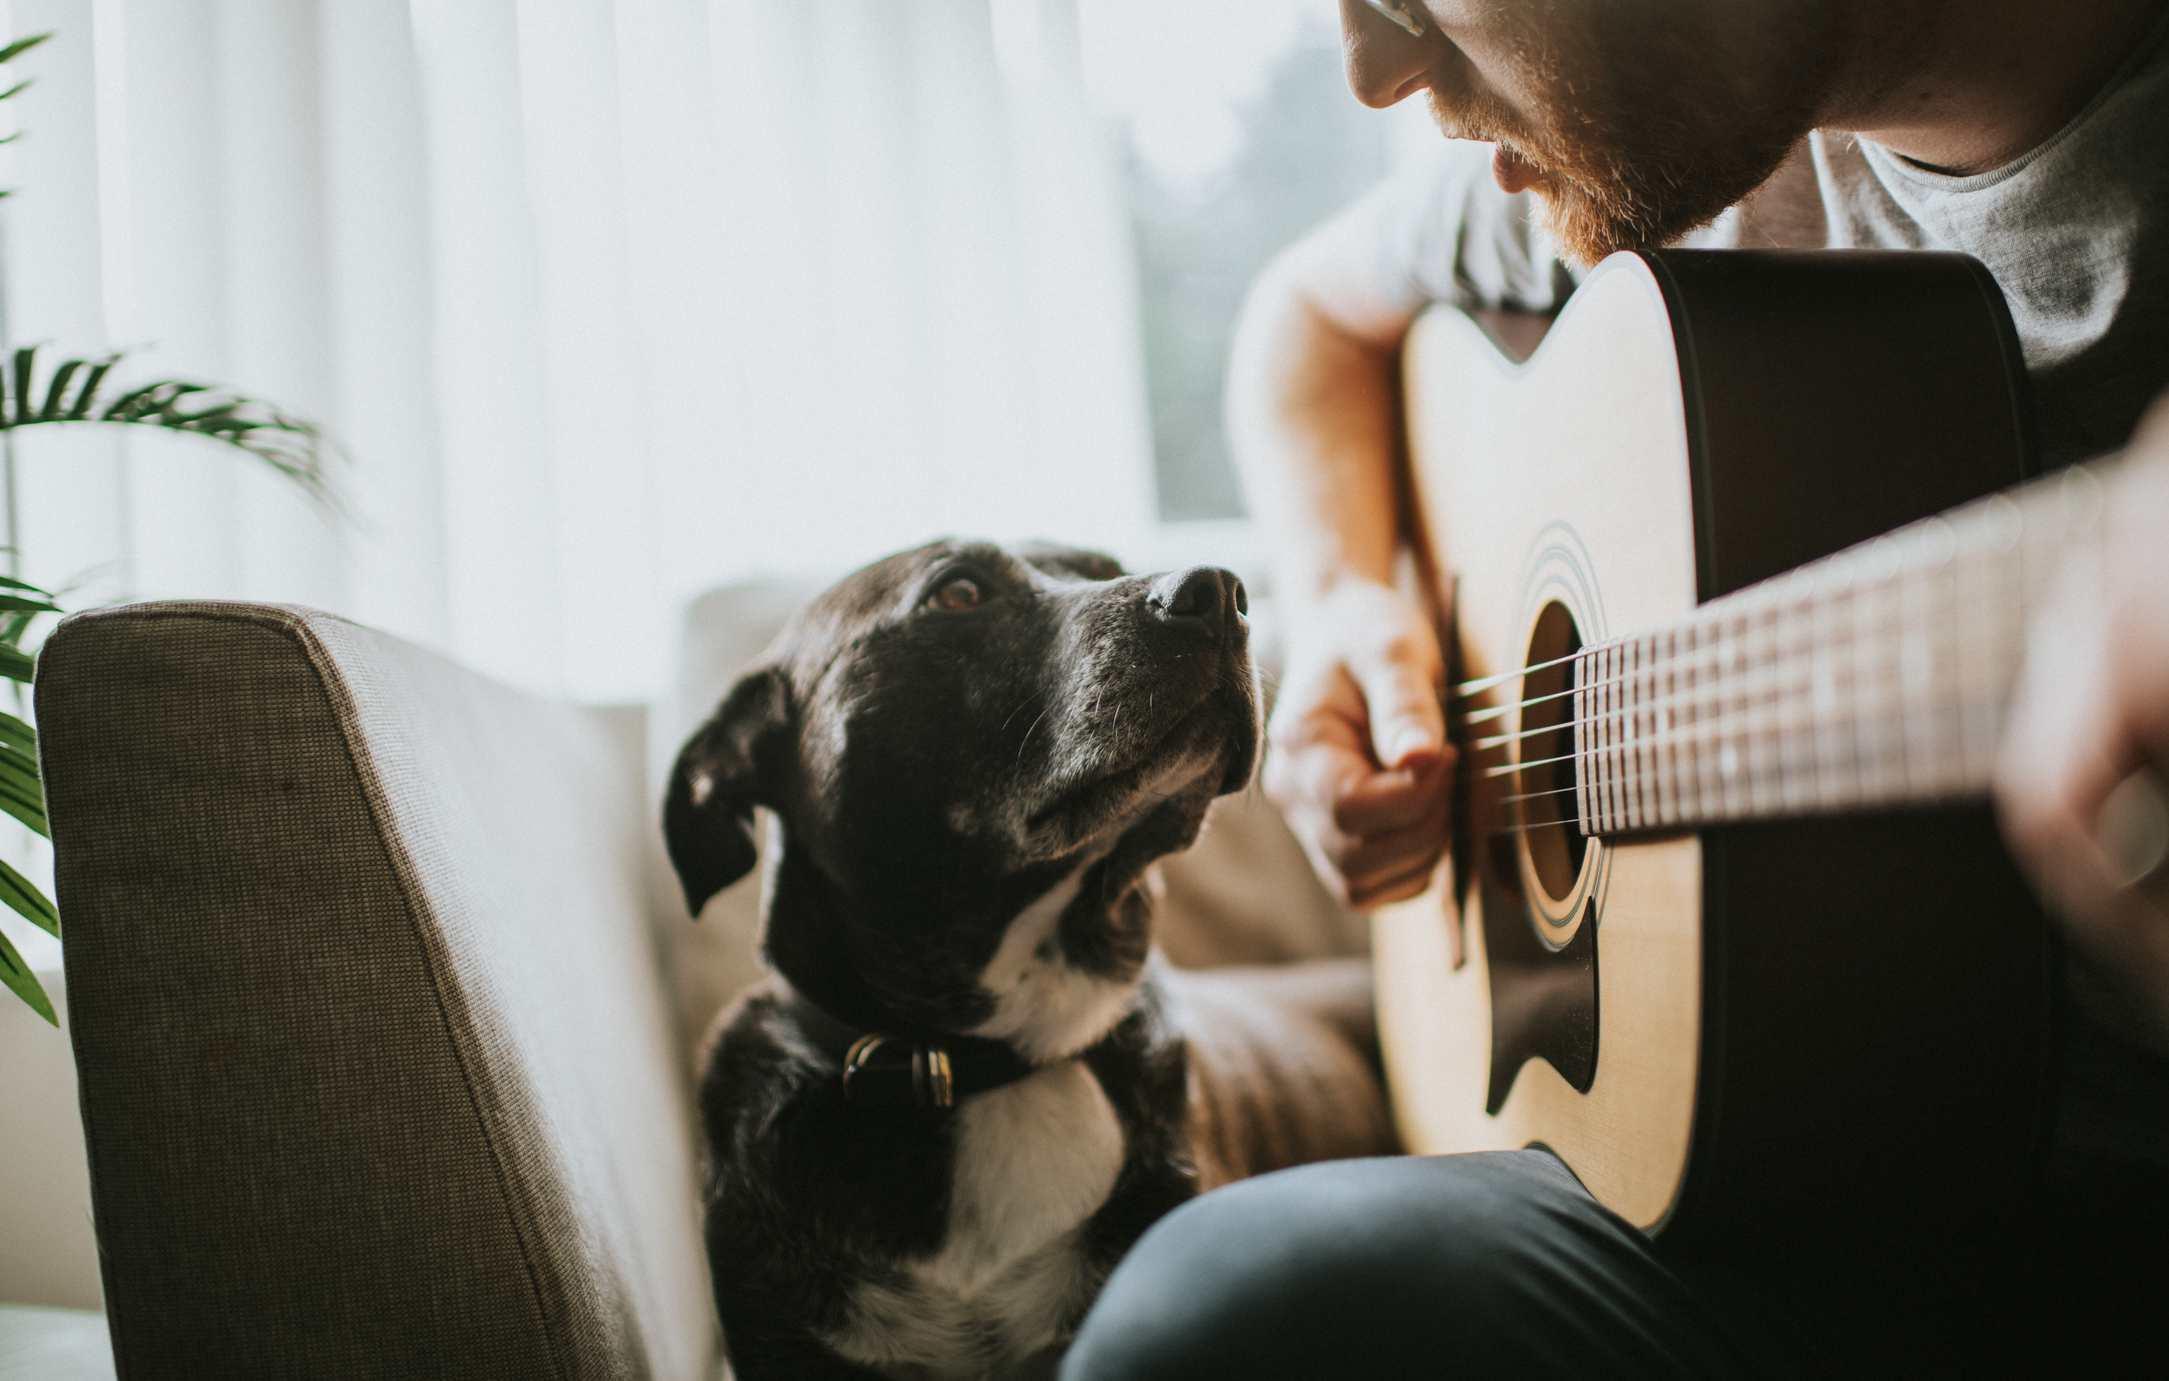 Hombre tocando una guitarra mientras un perro se sienta cerca escuchando.